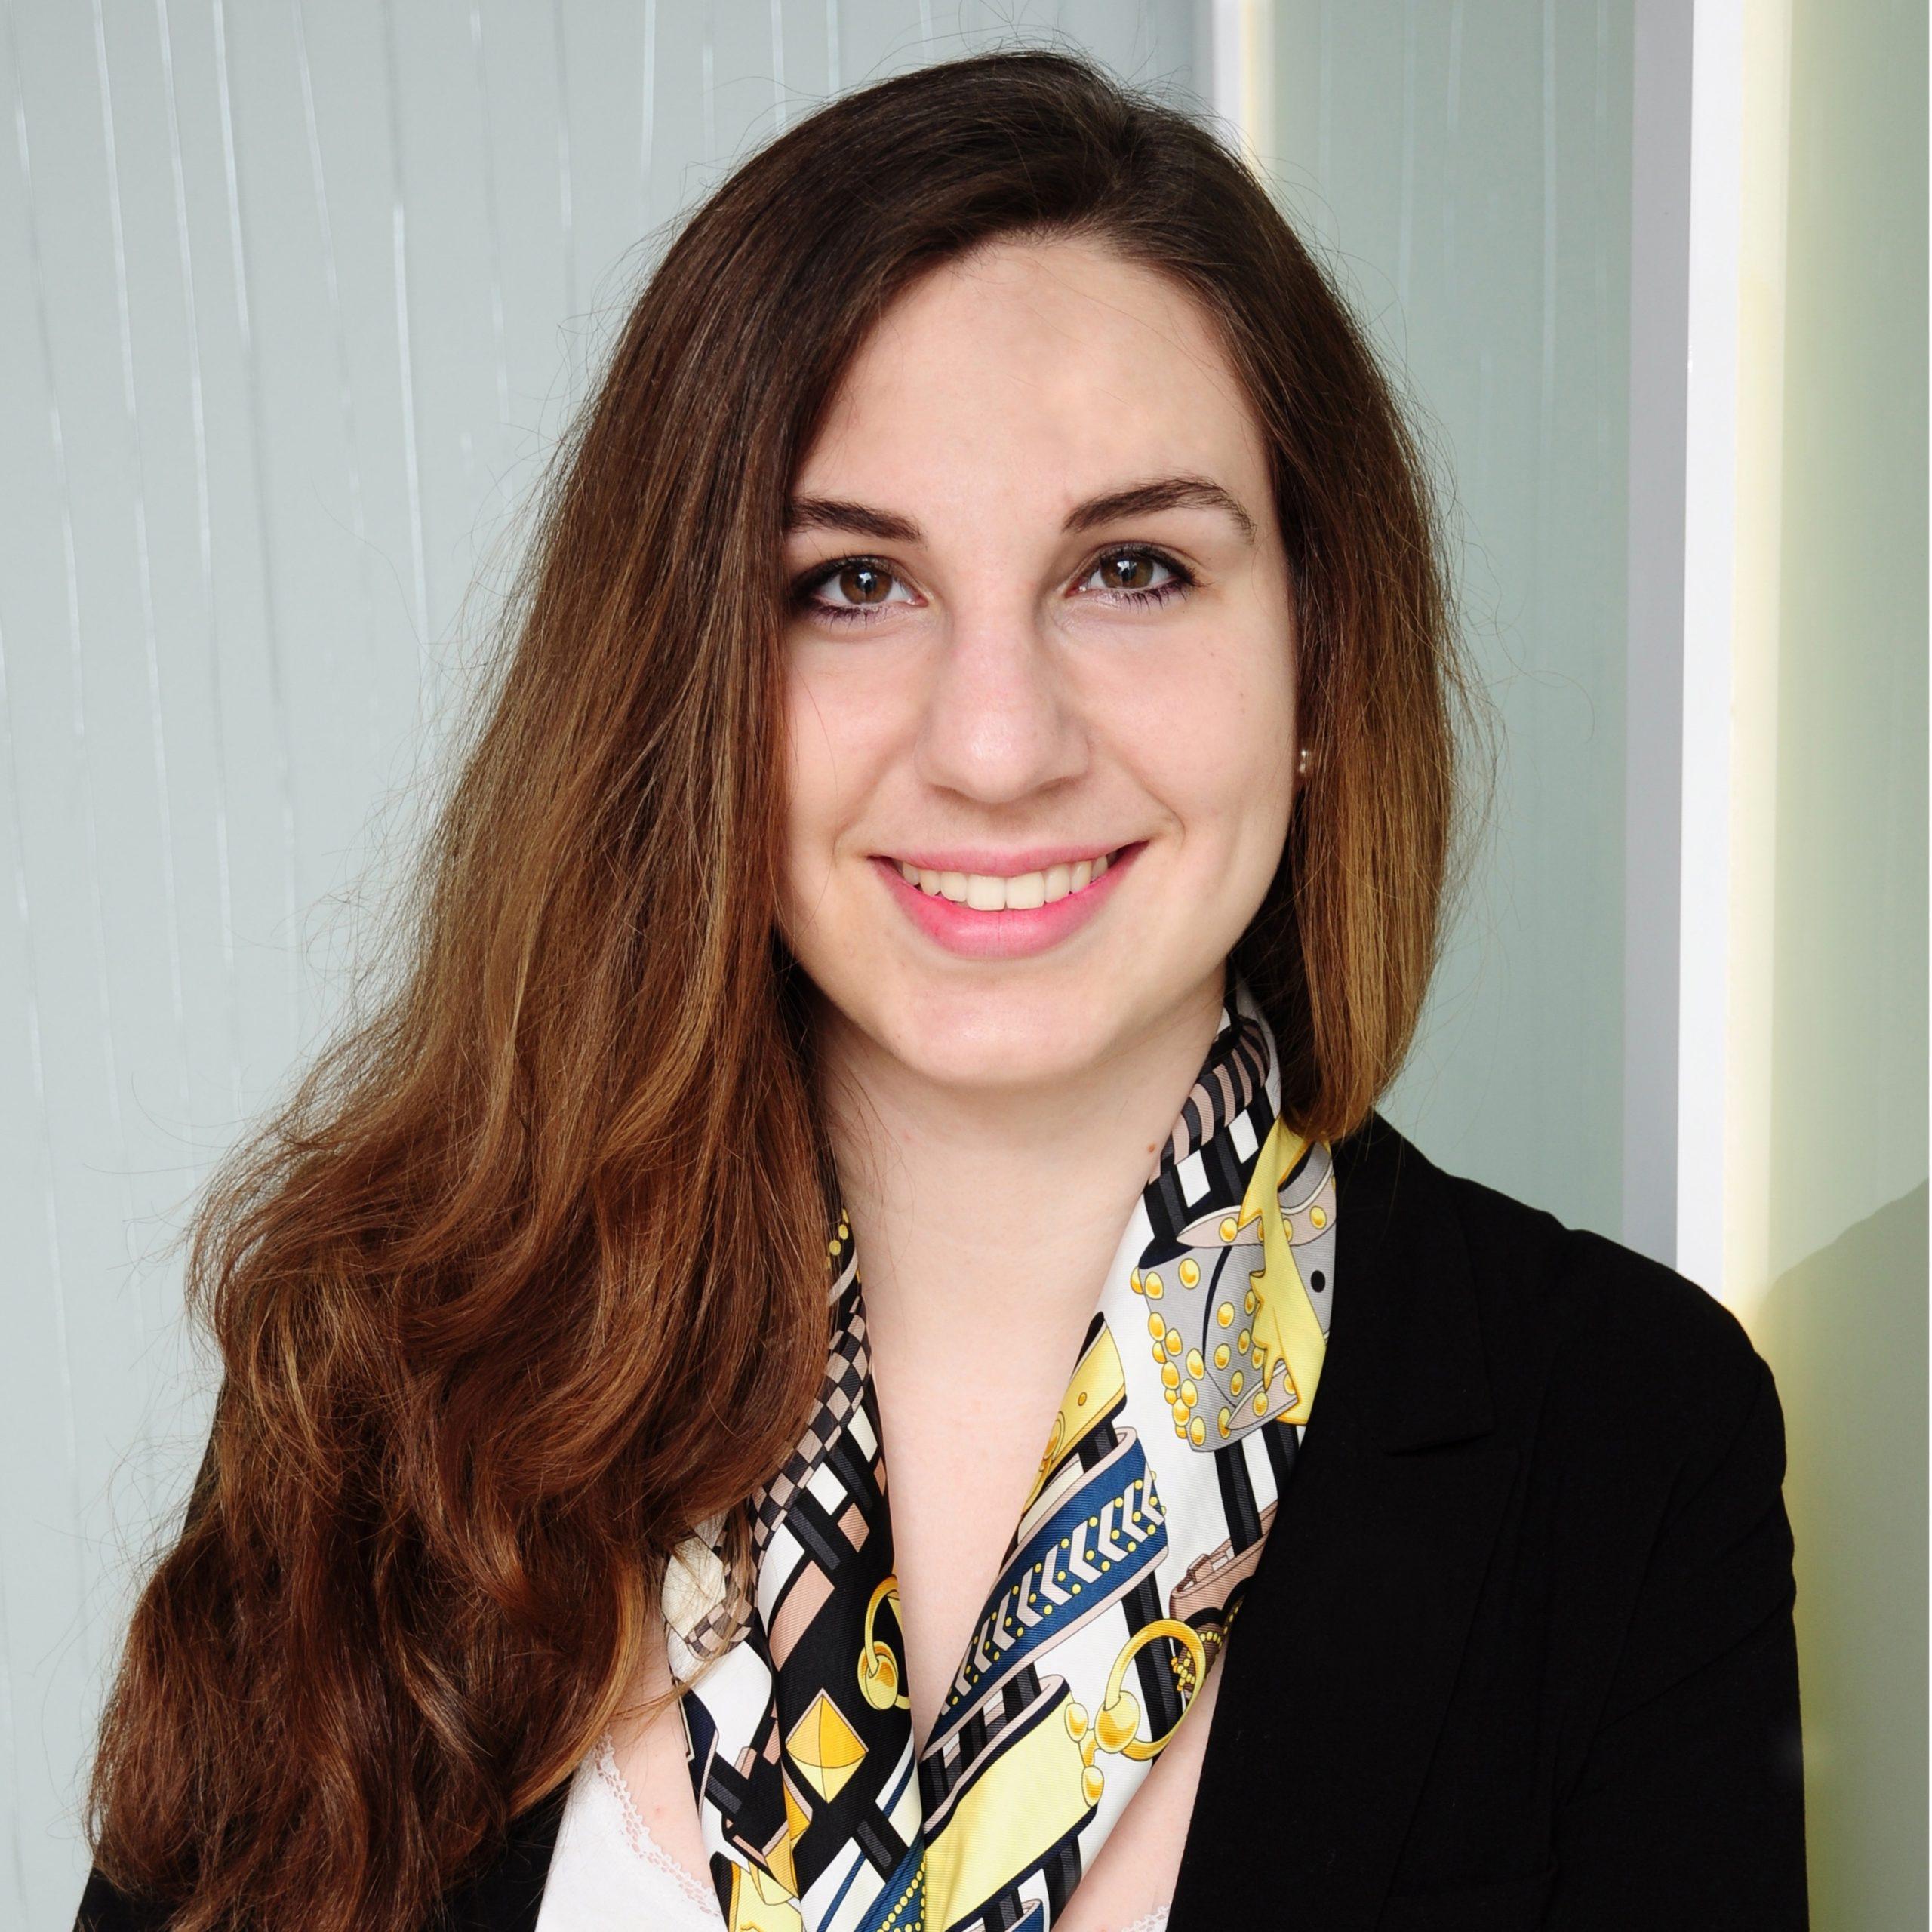 Daniela Neiderer